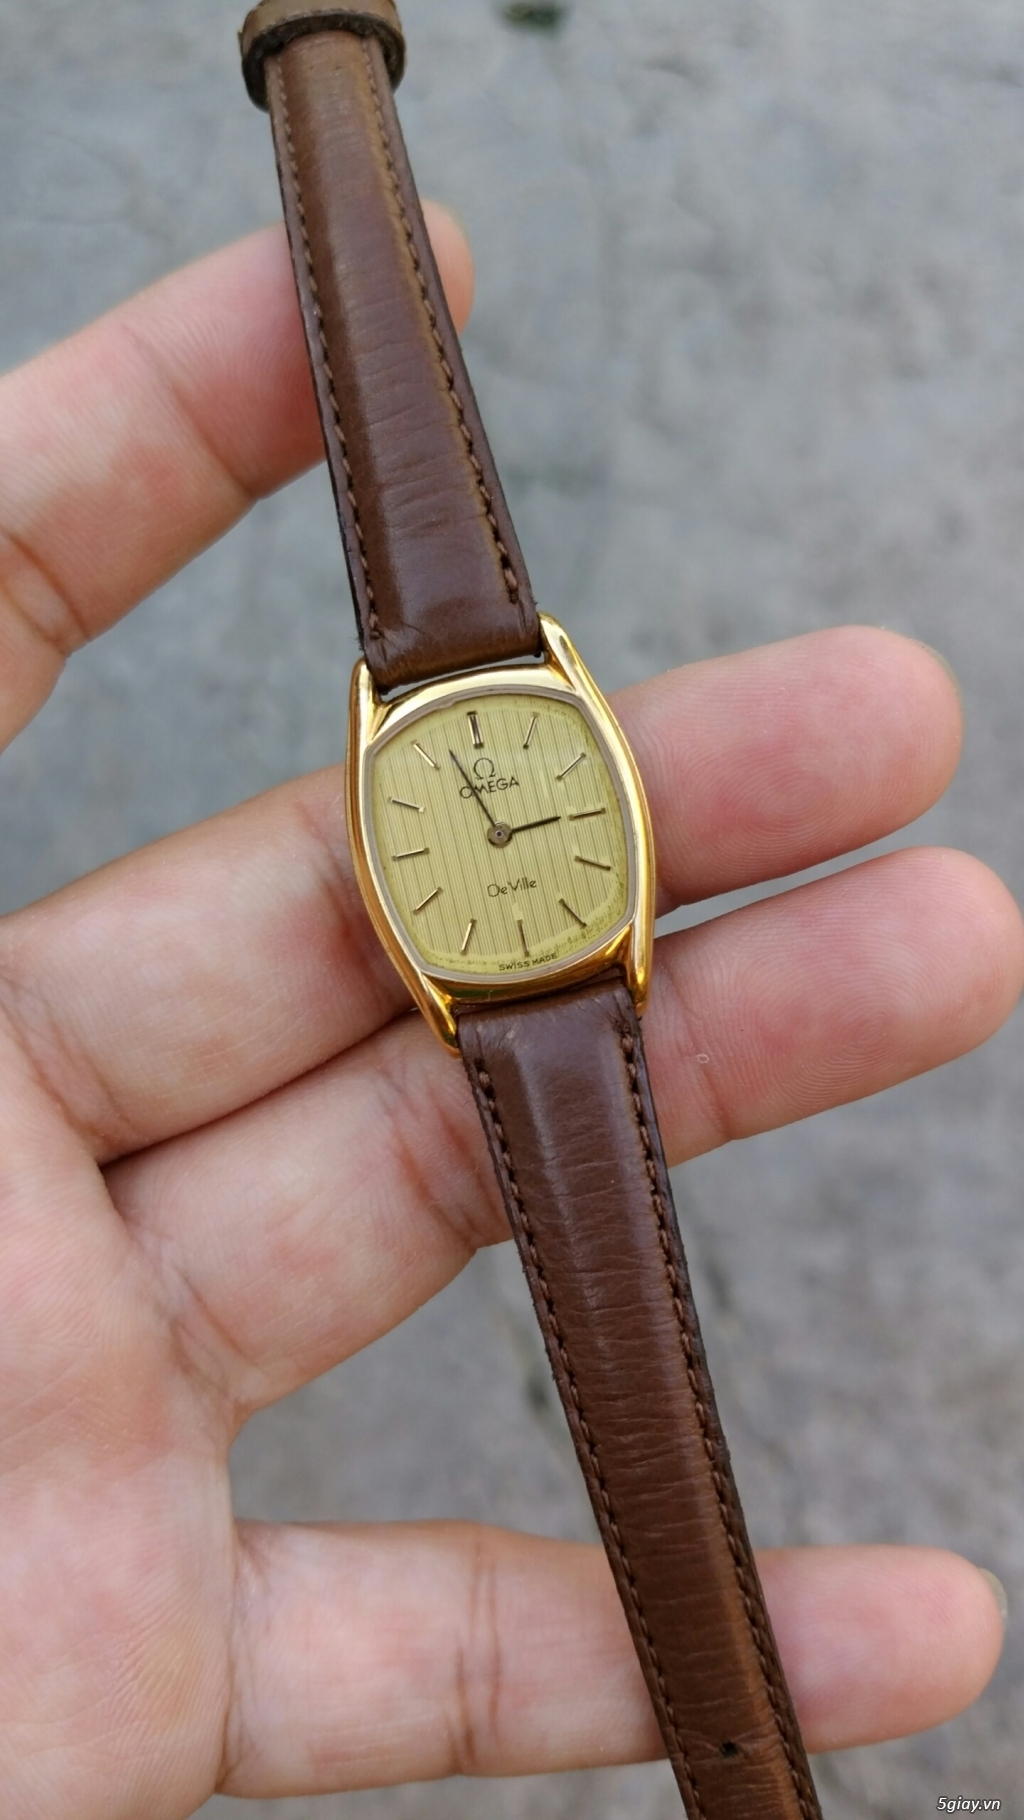 Đồng hồ Secondhand Japan, Thụy Sĩ (update thường xuyên) - 36